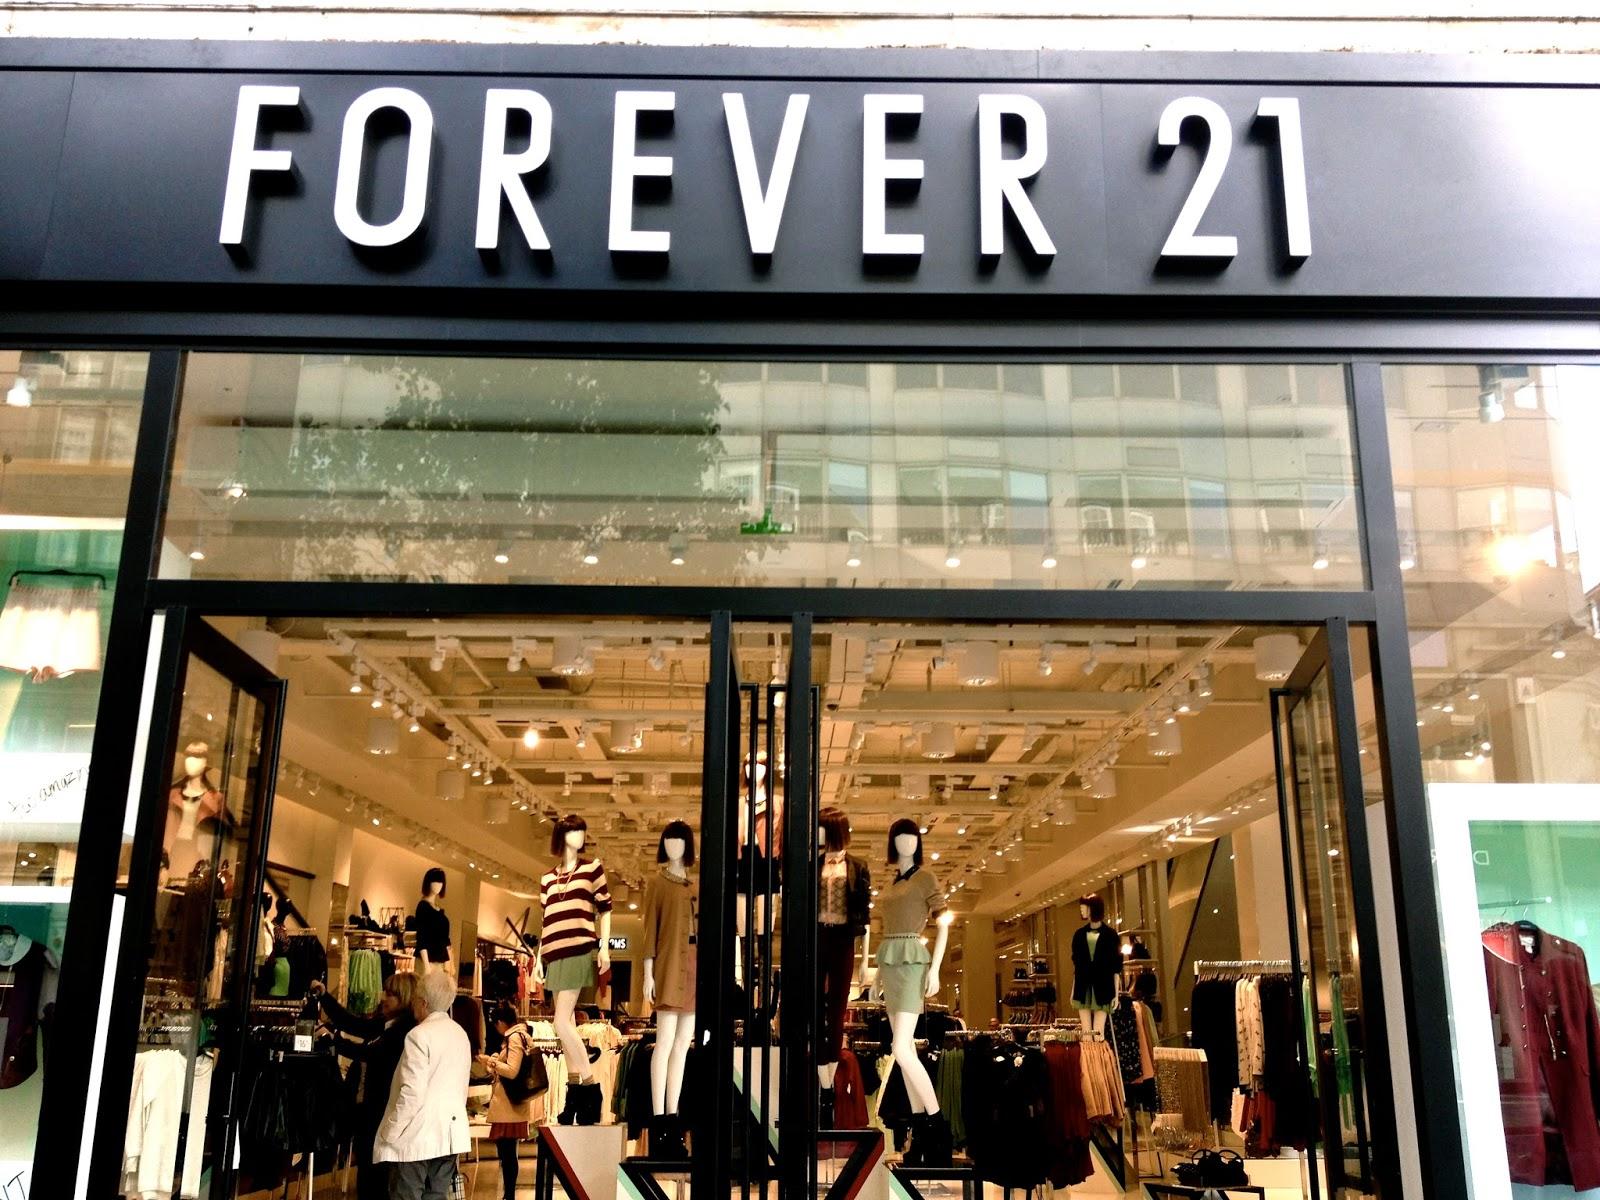 9caae2499ff Wereldwijd heeft Forever 21 al meer dan 500 winkels. F21 is in Amerika al  erg succesvol en hoopt ook de Europeanen te overtuigen van haar  schitterende ...